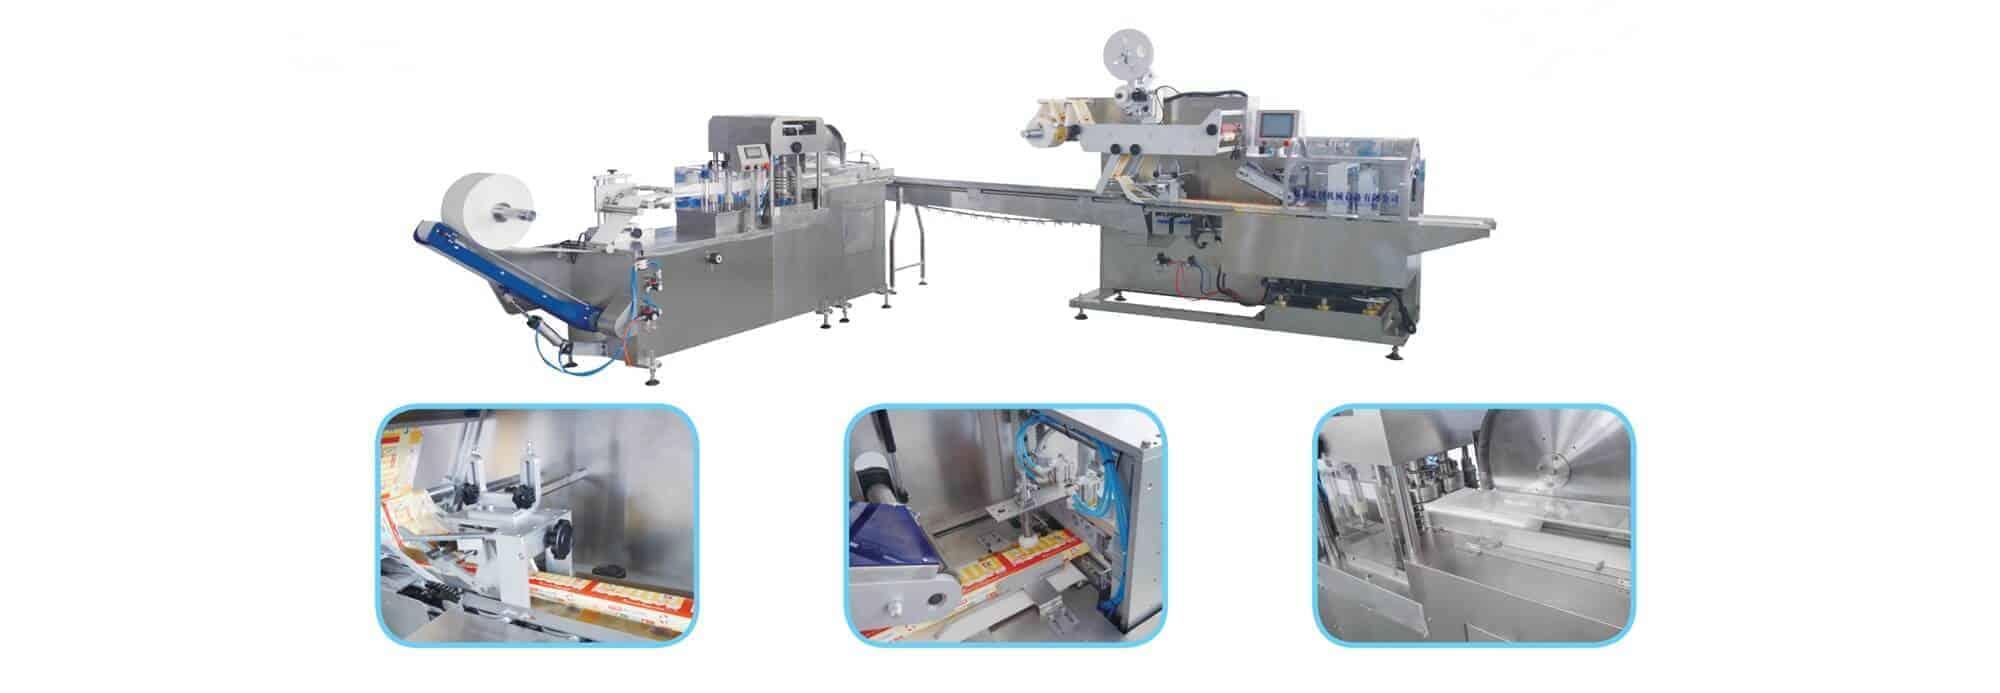 T FL1UT RP - T-FL1+UT-RP Cross fold wet wipes production line(5-30pcs/pack)